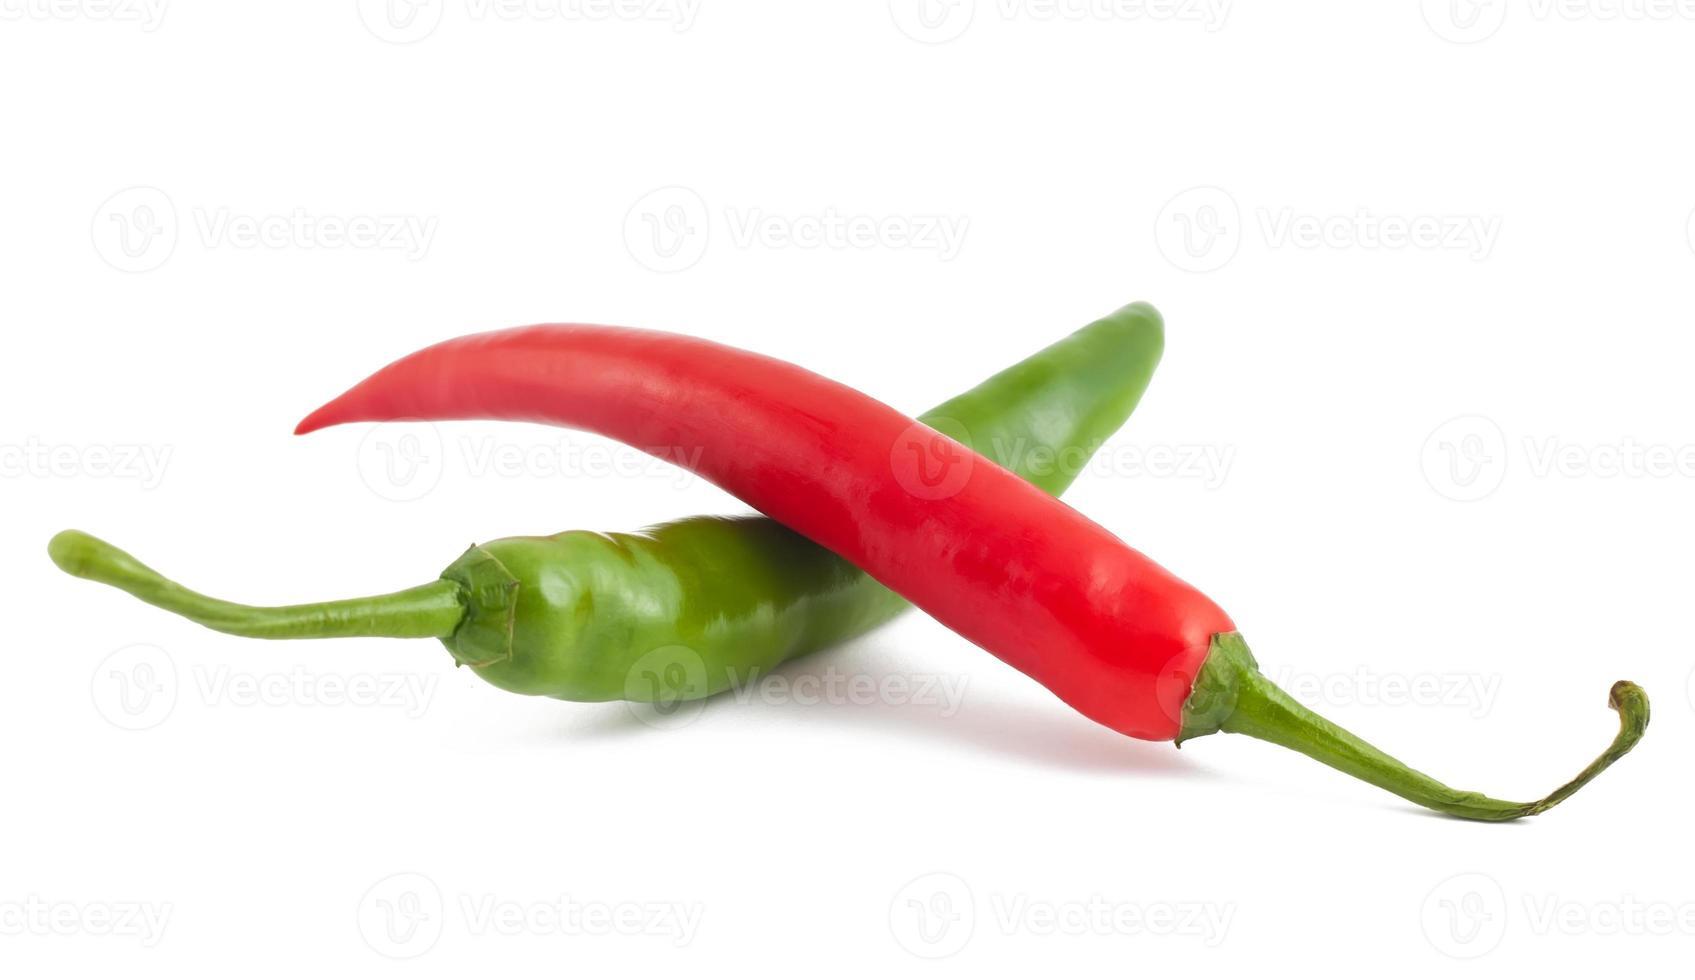 röda och gröna chilipeppar på vitt foto